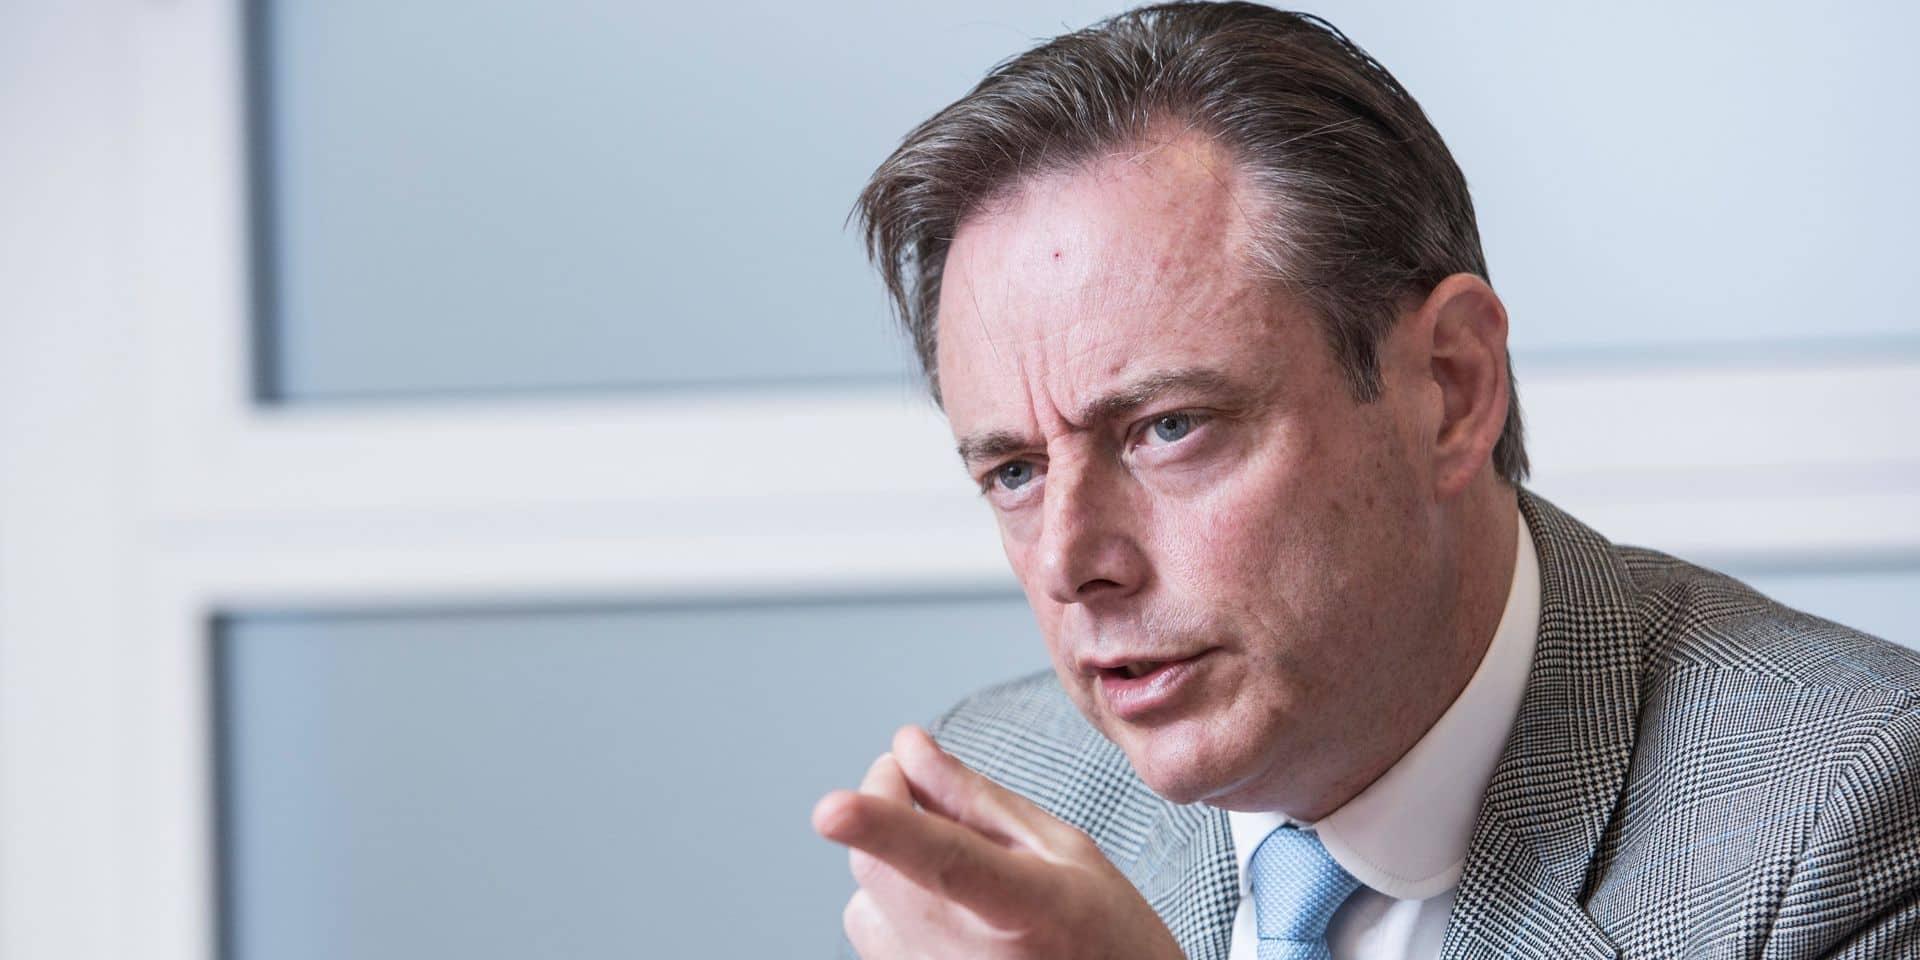 Détournement de subsides: comment Bart De Wever a donné 1,2 million d'euros à El Kaouakibi en toute discrétion